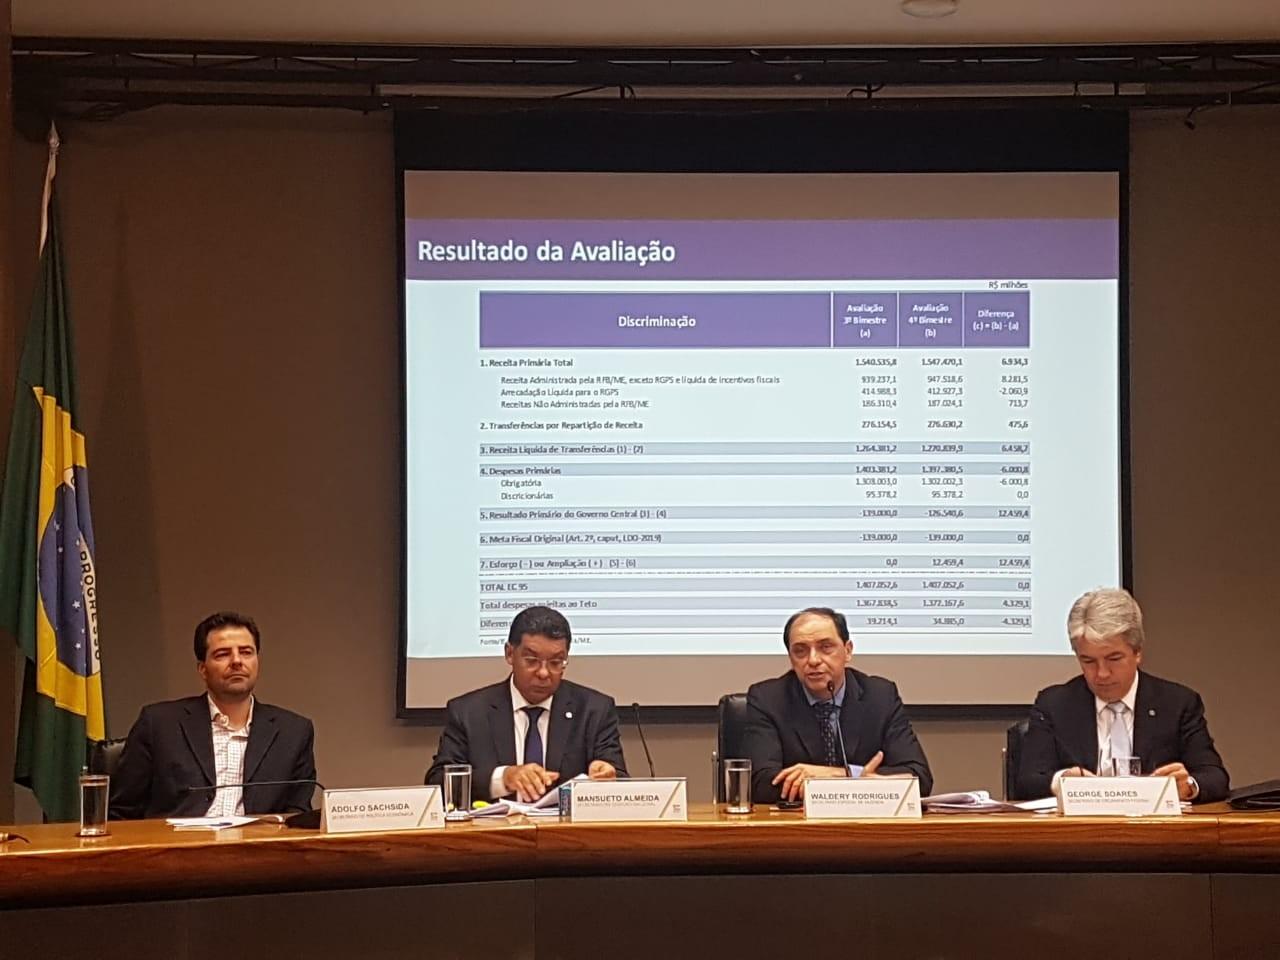 Governo libera para os ministérios R$ 8,3 bi que estavam bloqueados e R$ 2,6 bi do fundo da Petrobras - Notícias - Plantão Diário